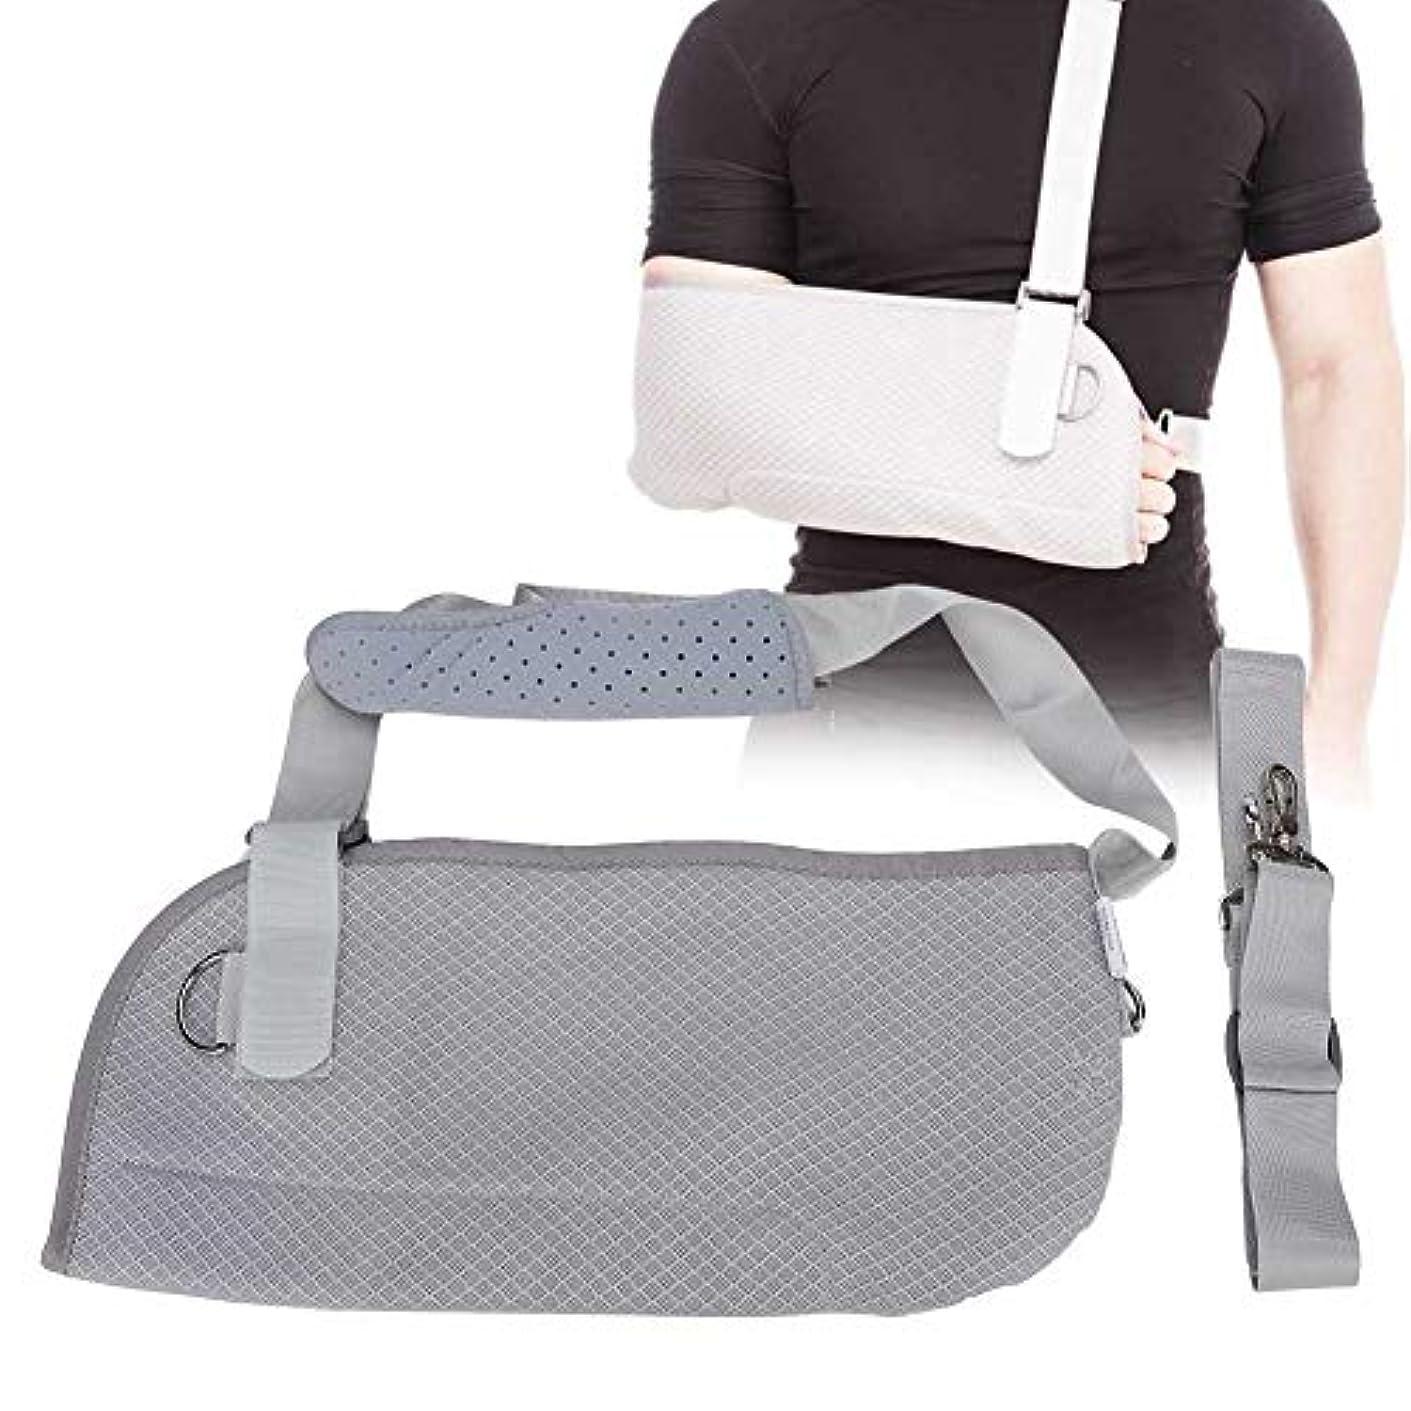 永遠に幽霊動詞腕のスリング、調節可能な上腕装具、亜脱臼、脱臼、捻挫、手首の捻挫、前腕骨折治療